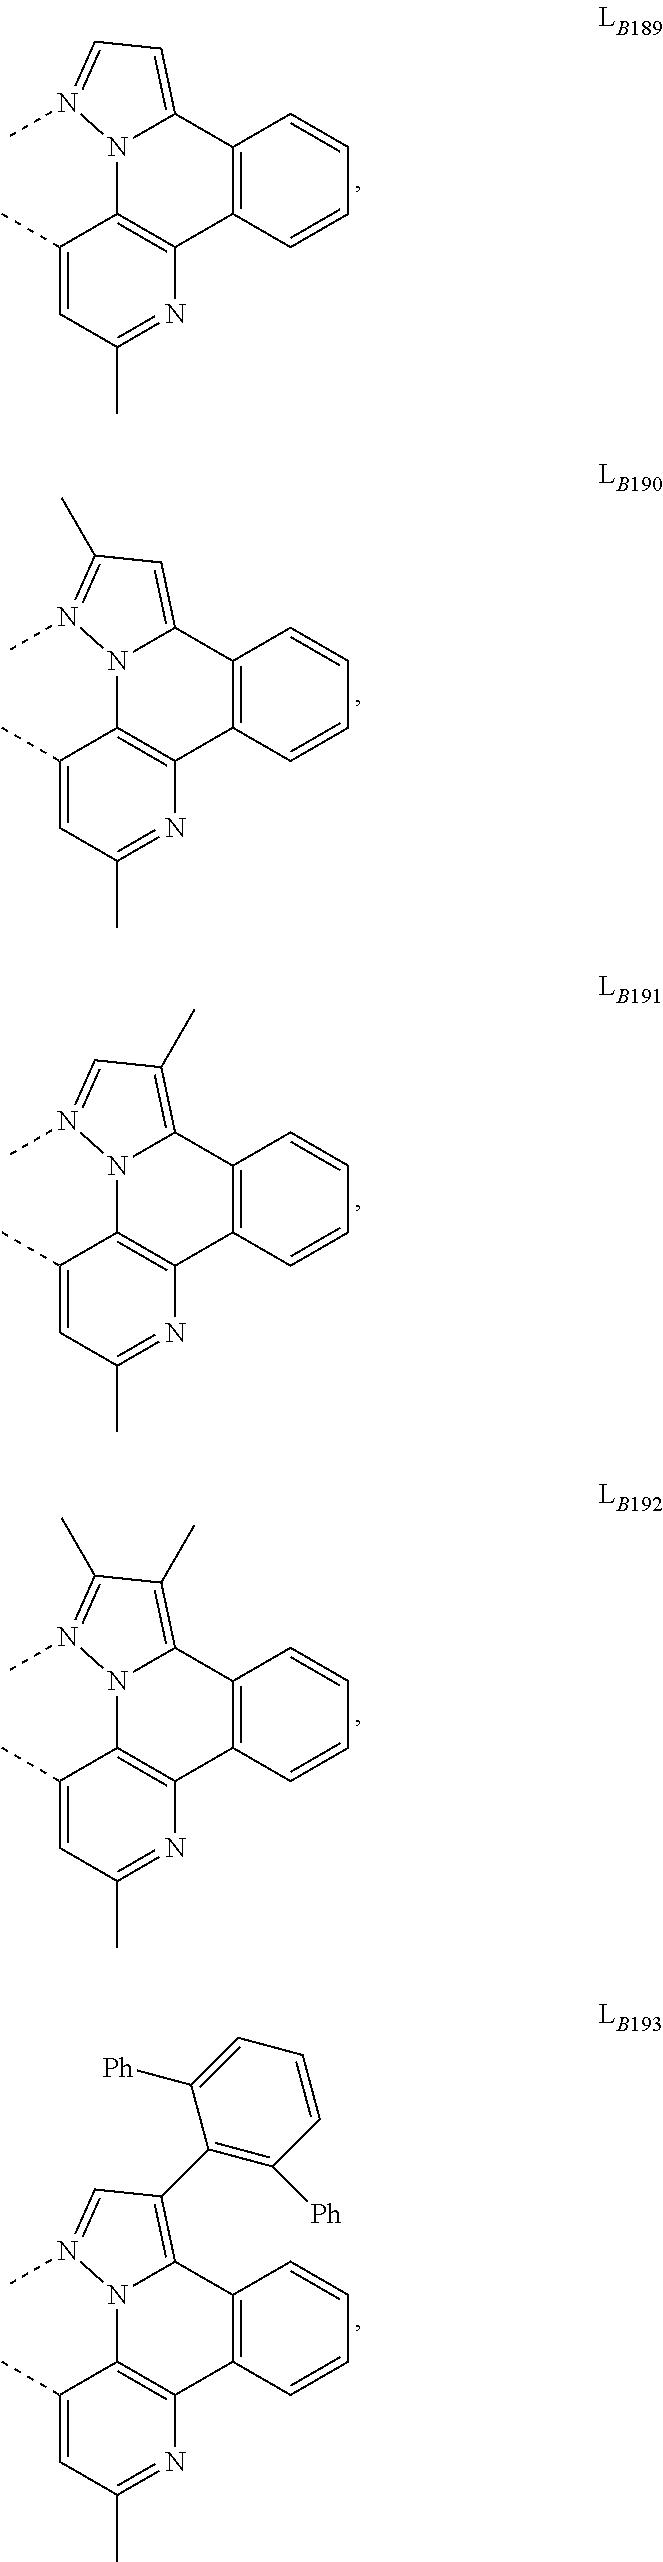 Figure US09905785-20180227-C00540